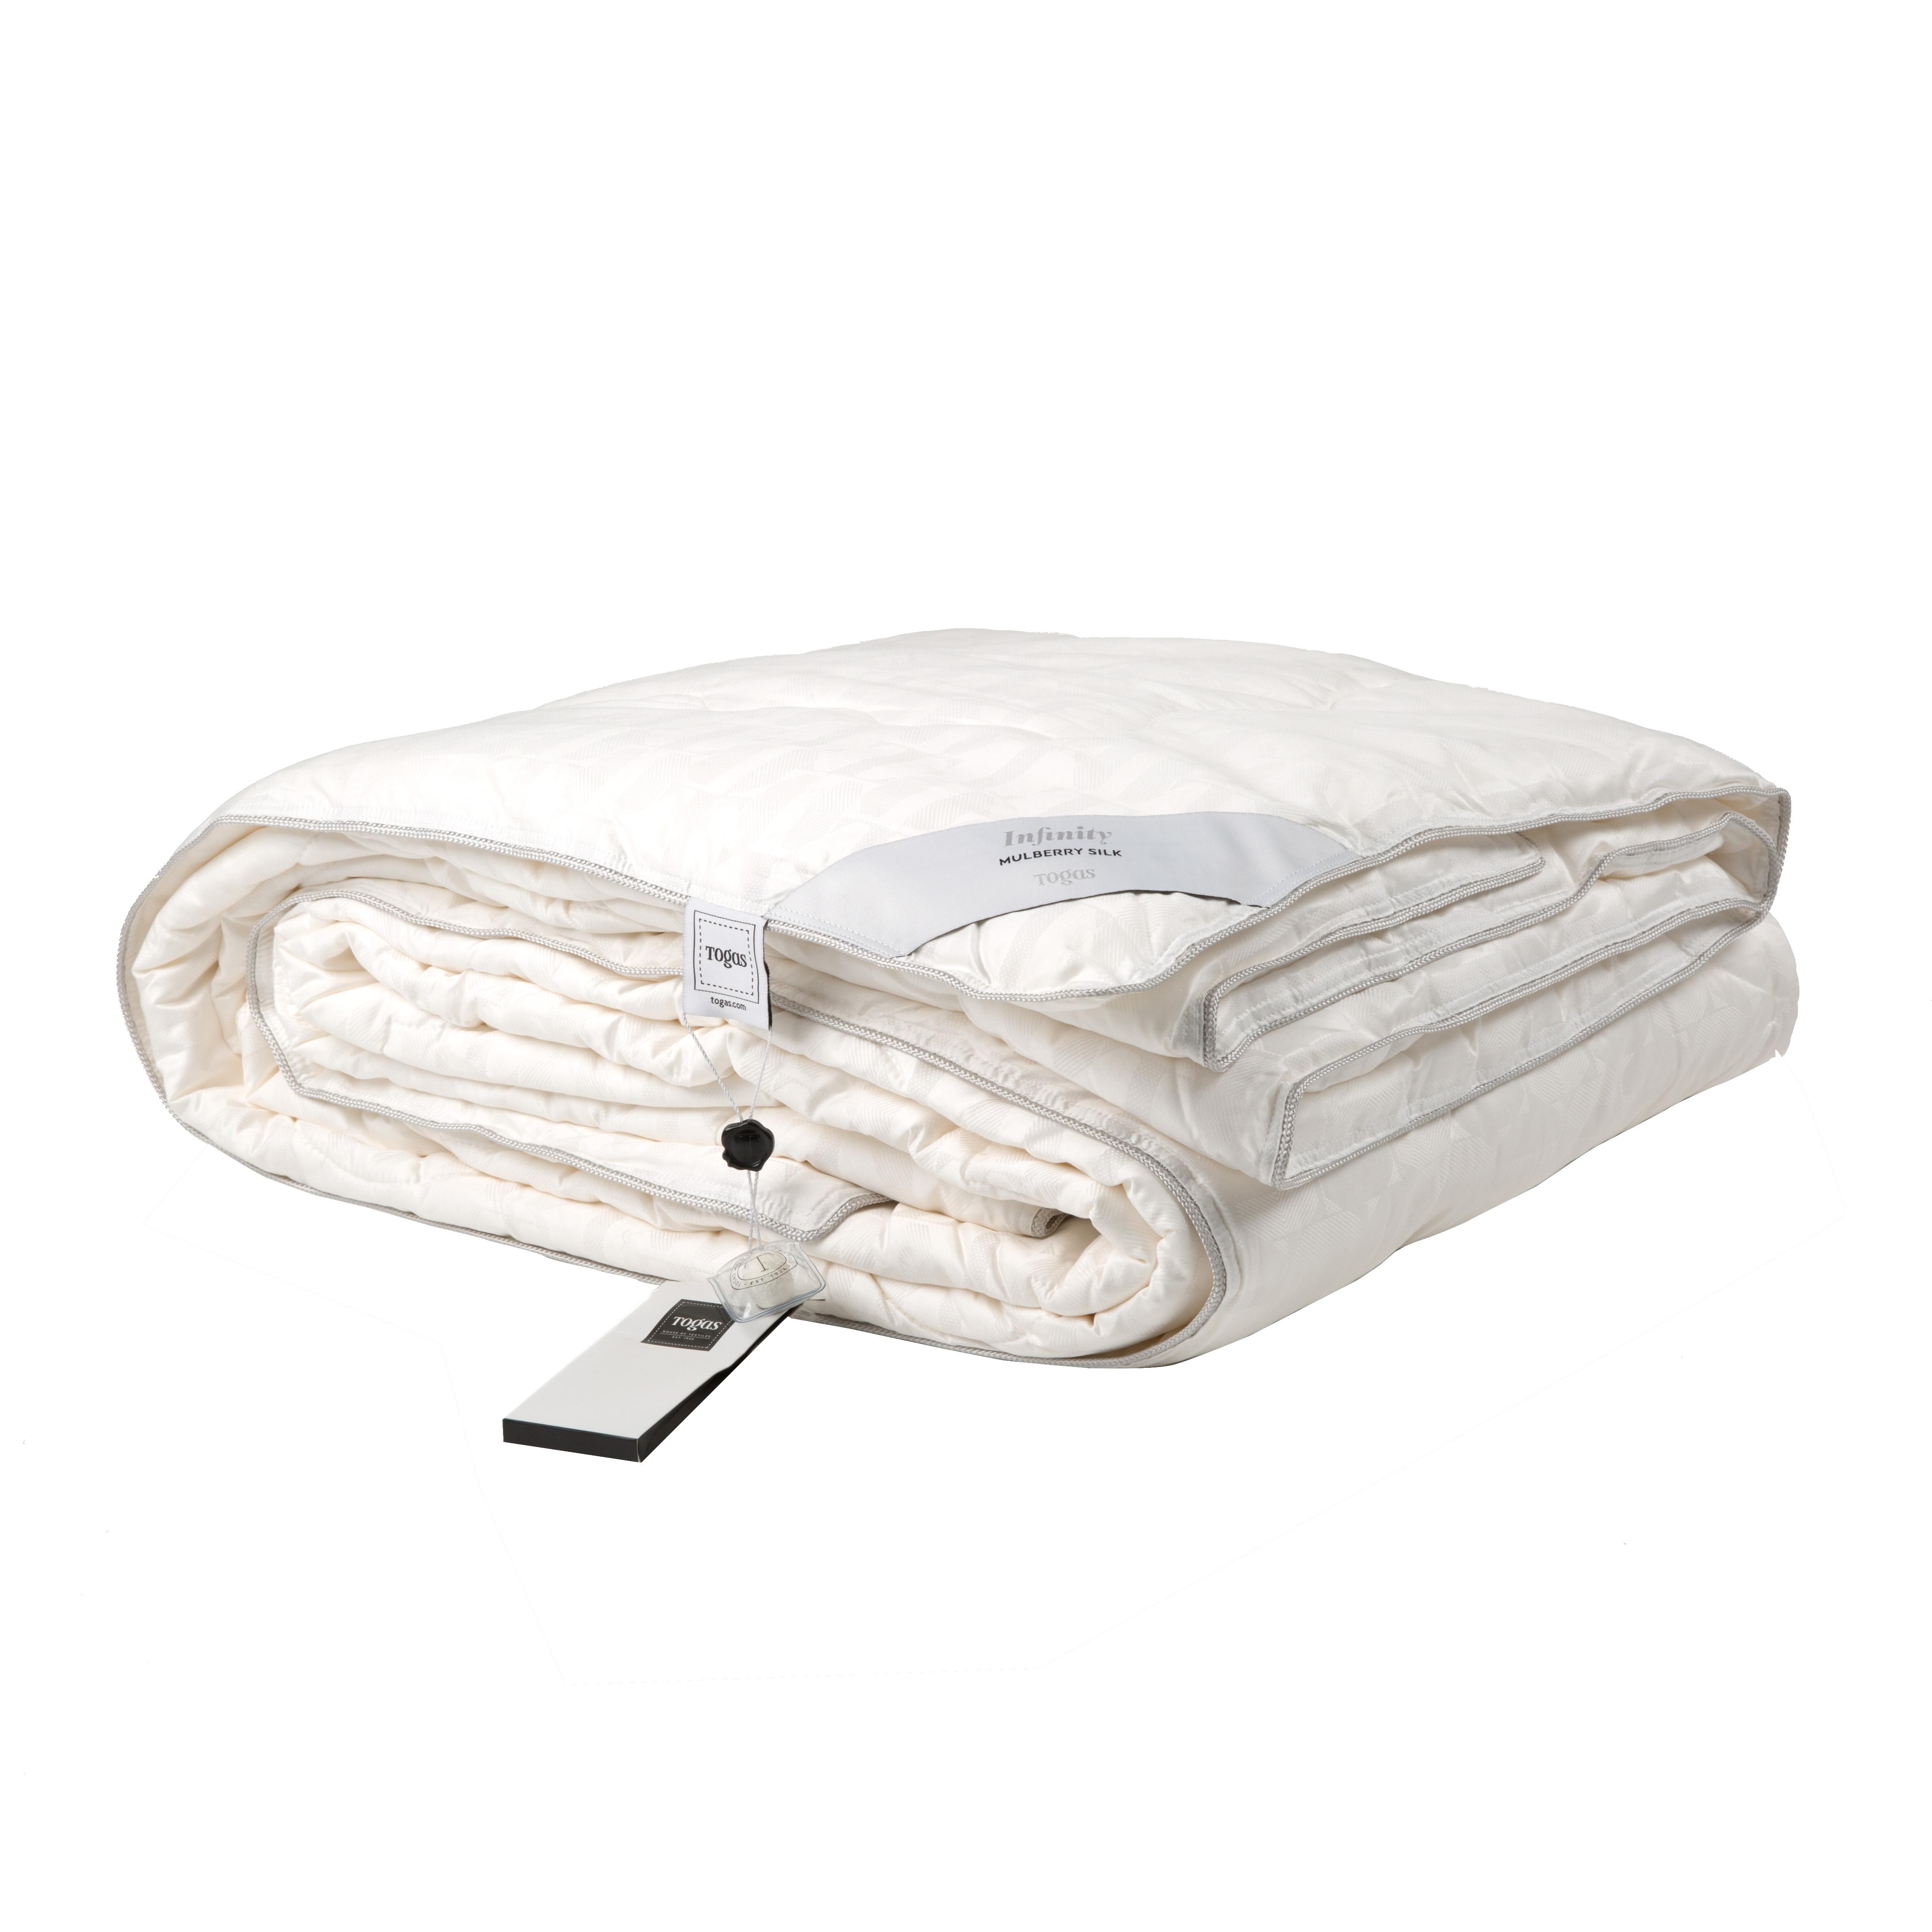 Одеяла Togas Одеяло Инфинити (220х240 см) одеяла togas одеяло гелиос 220х240 см